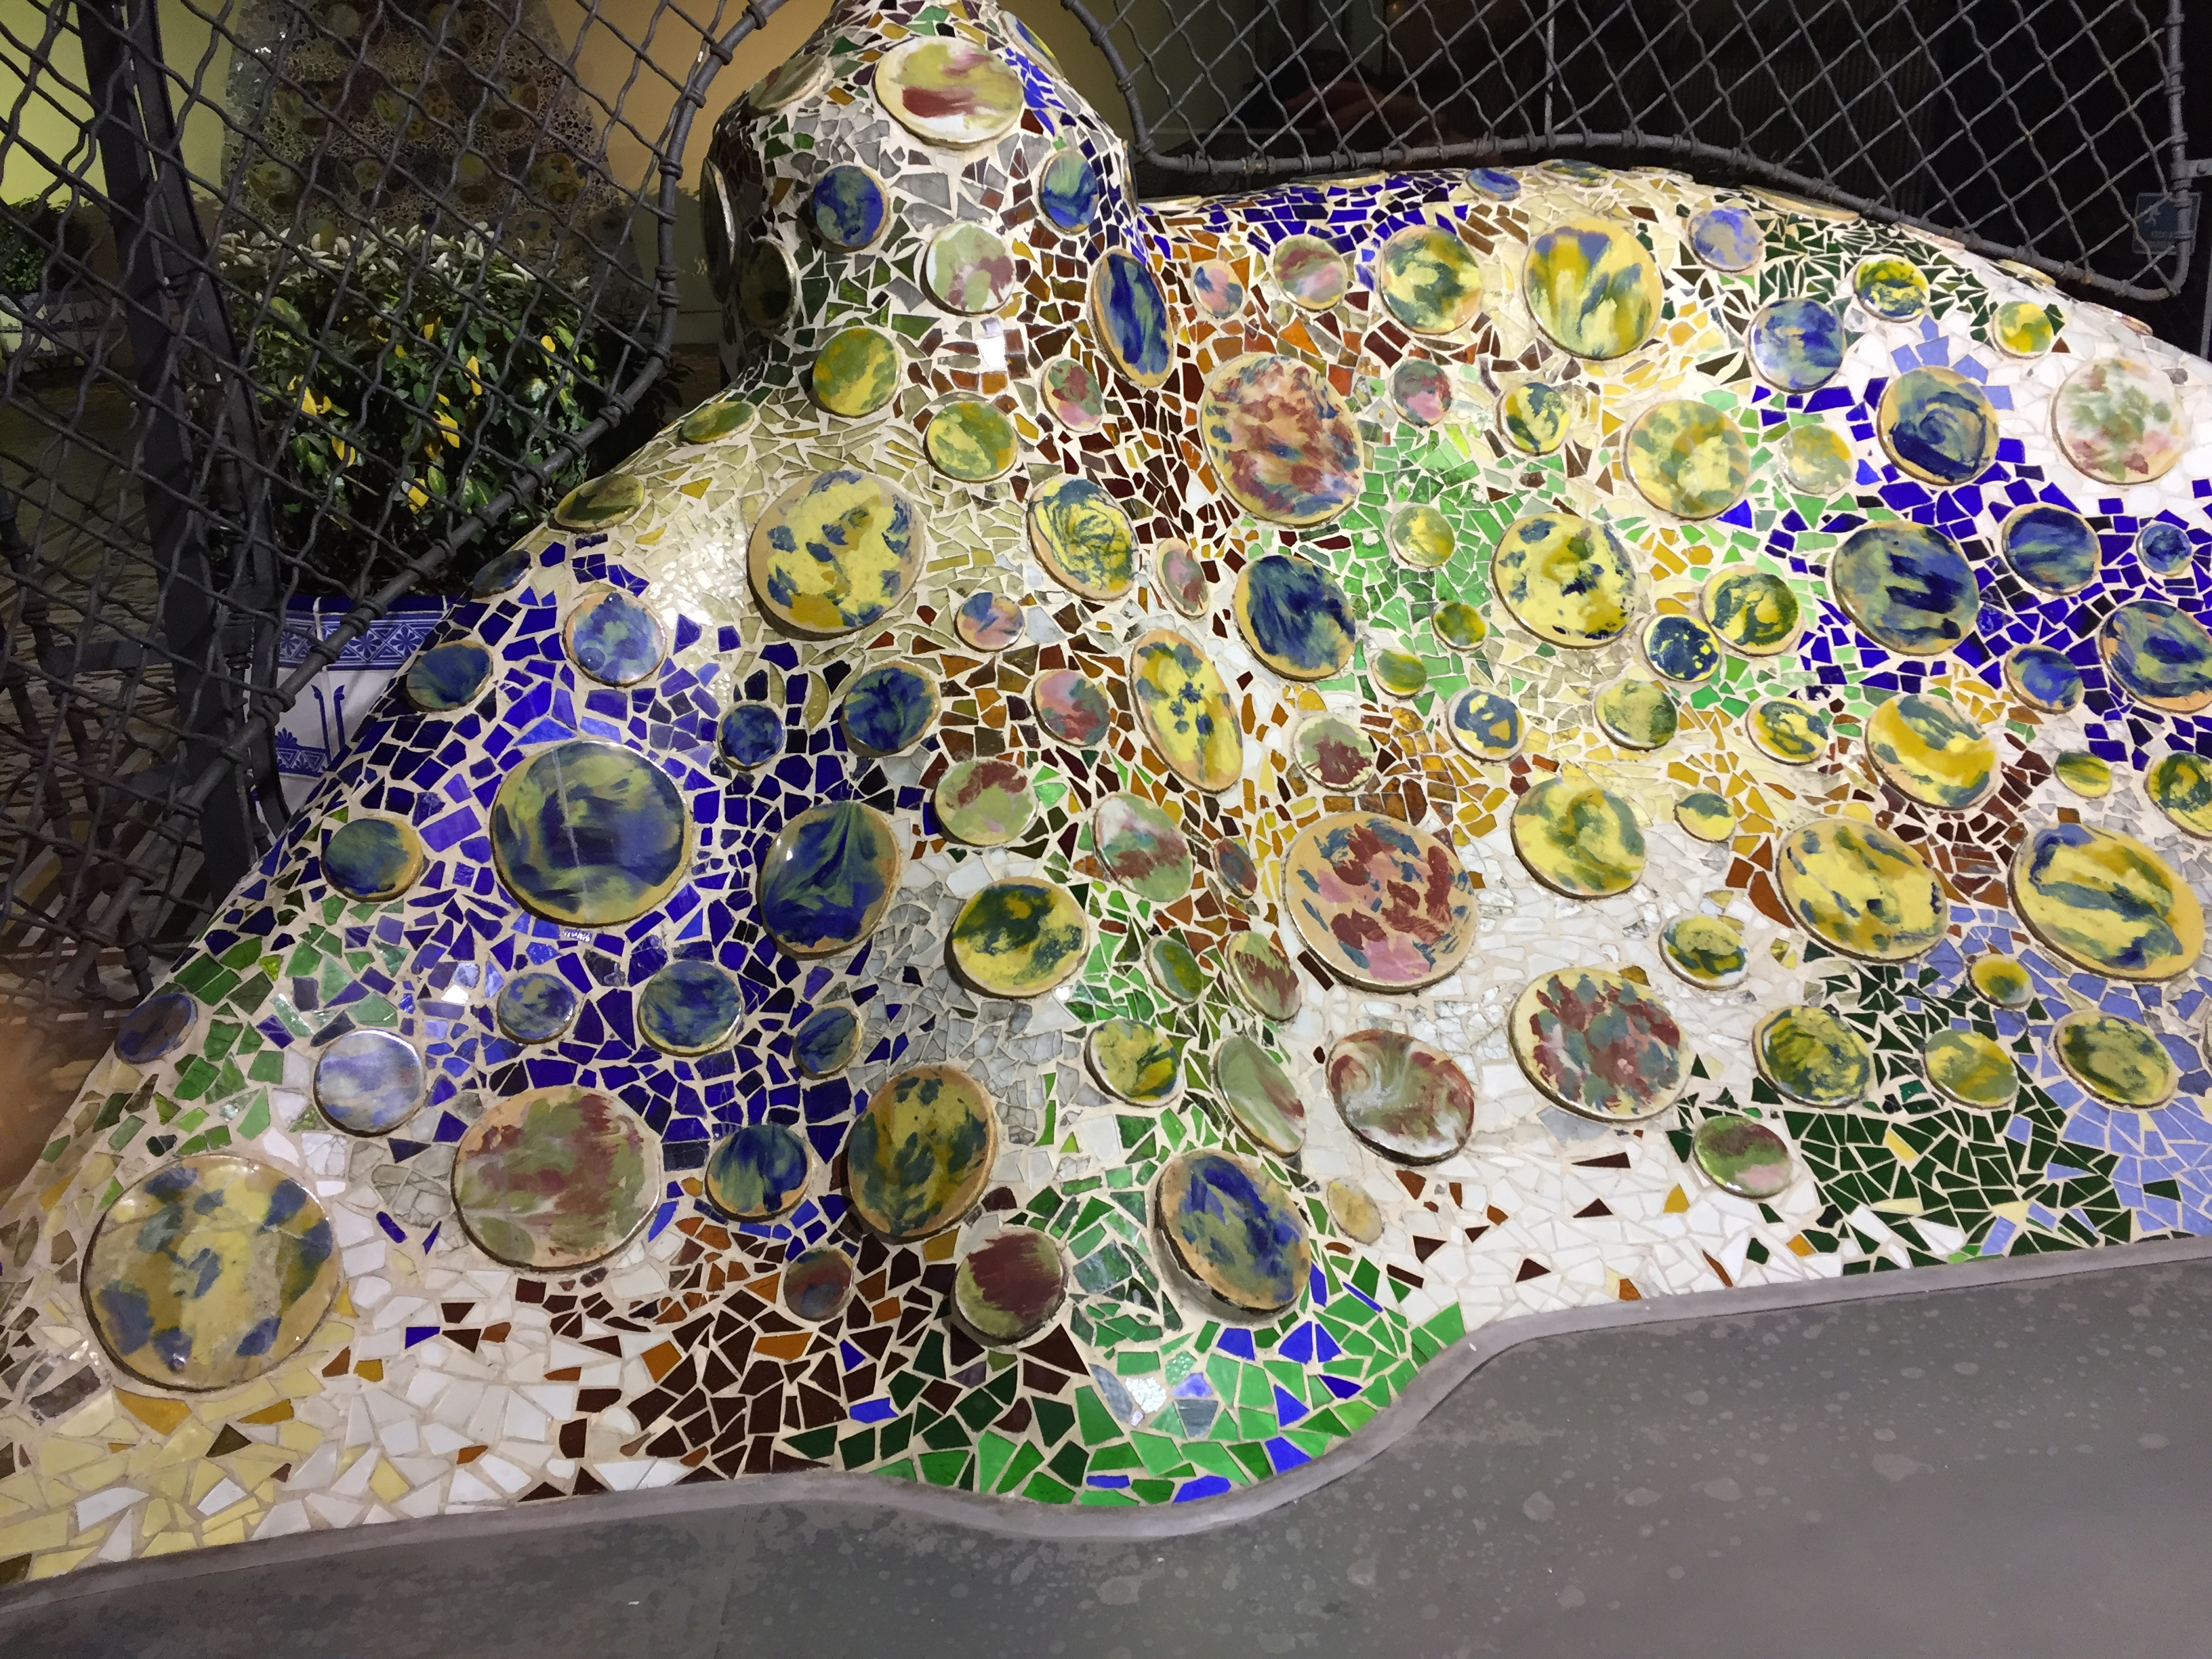 IMG 0864 - Visita a la Casa Batlló en Barcelona Parte II/II